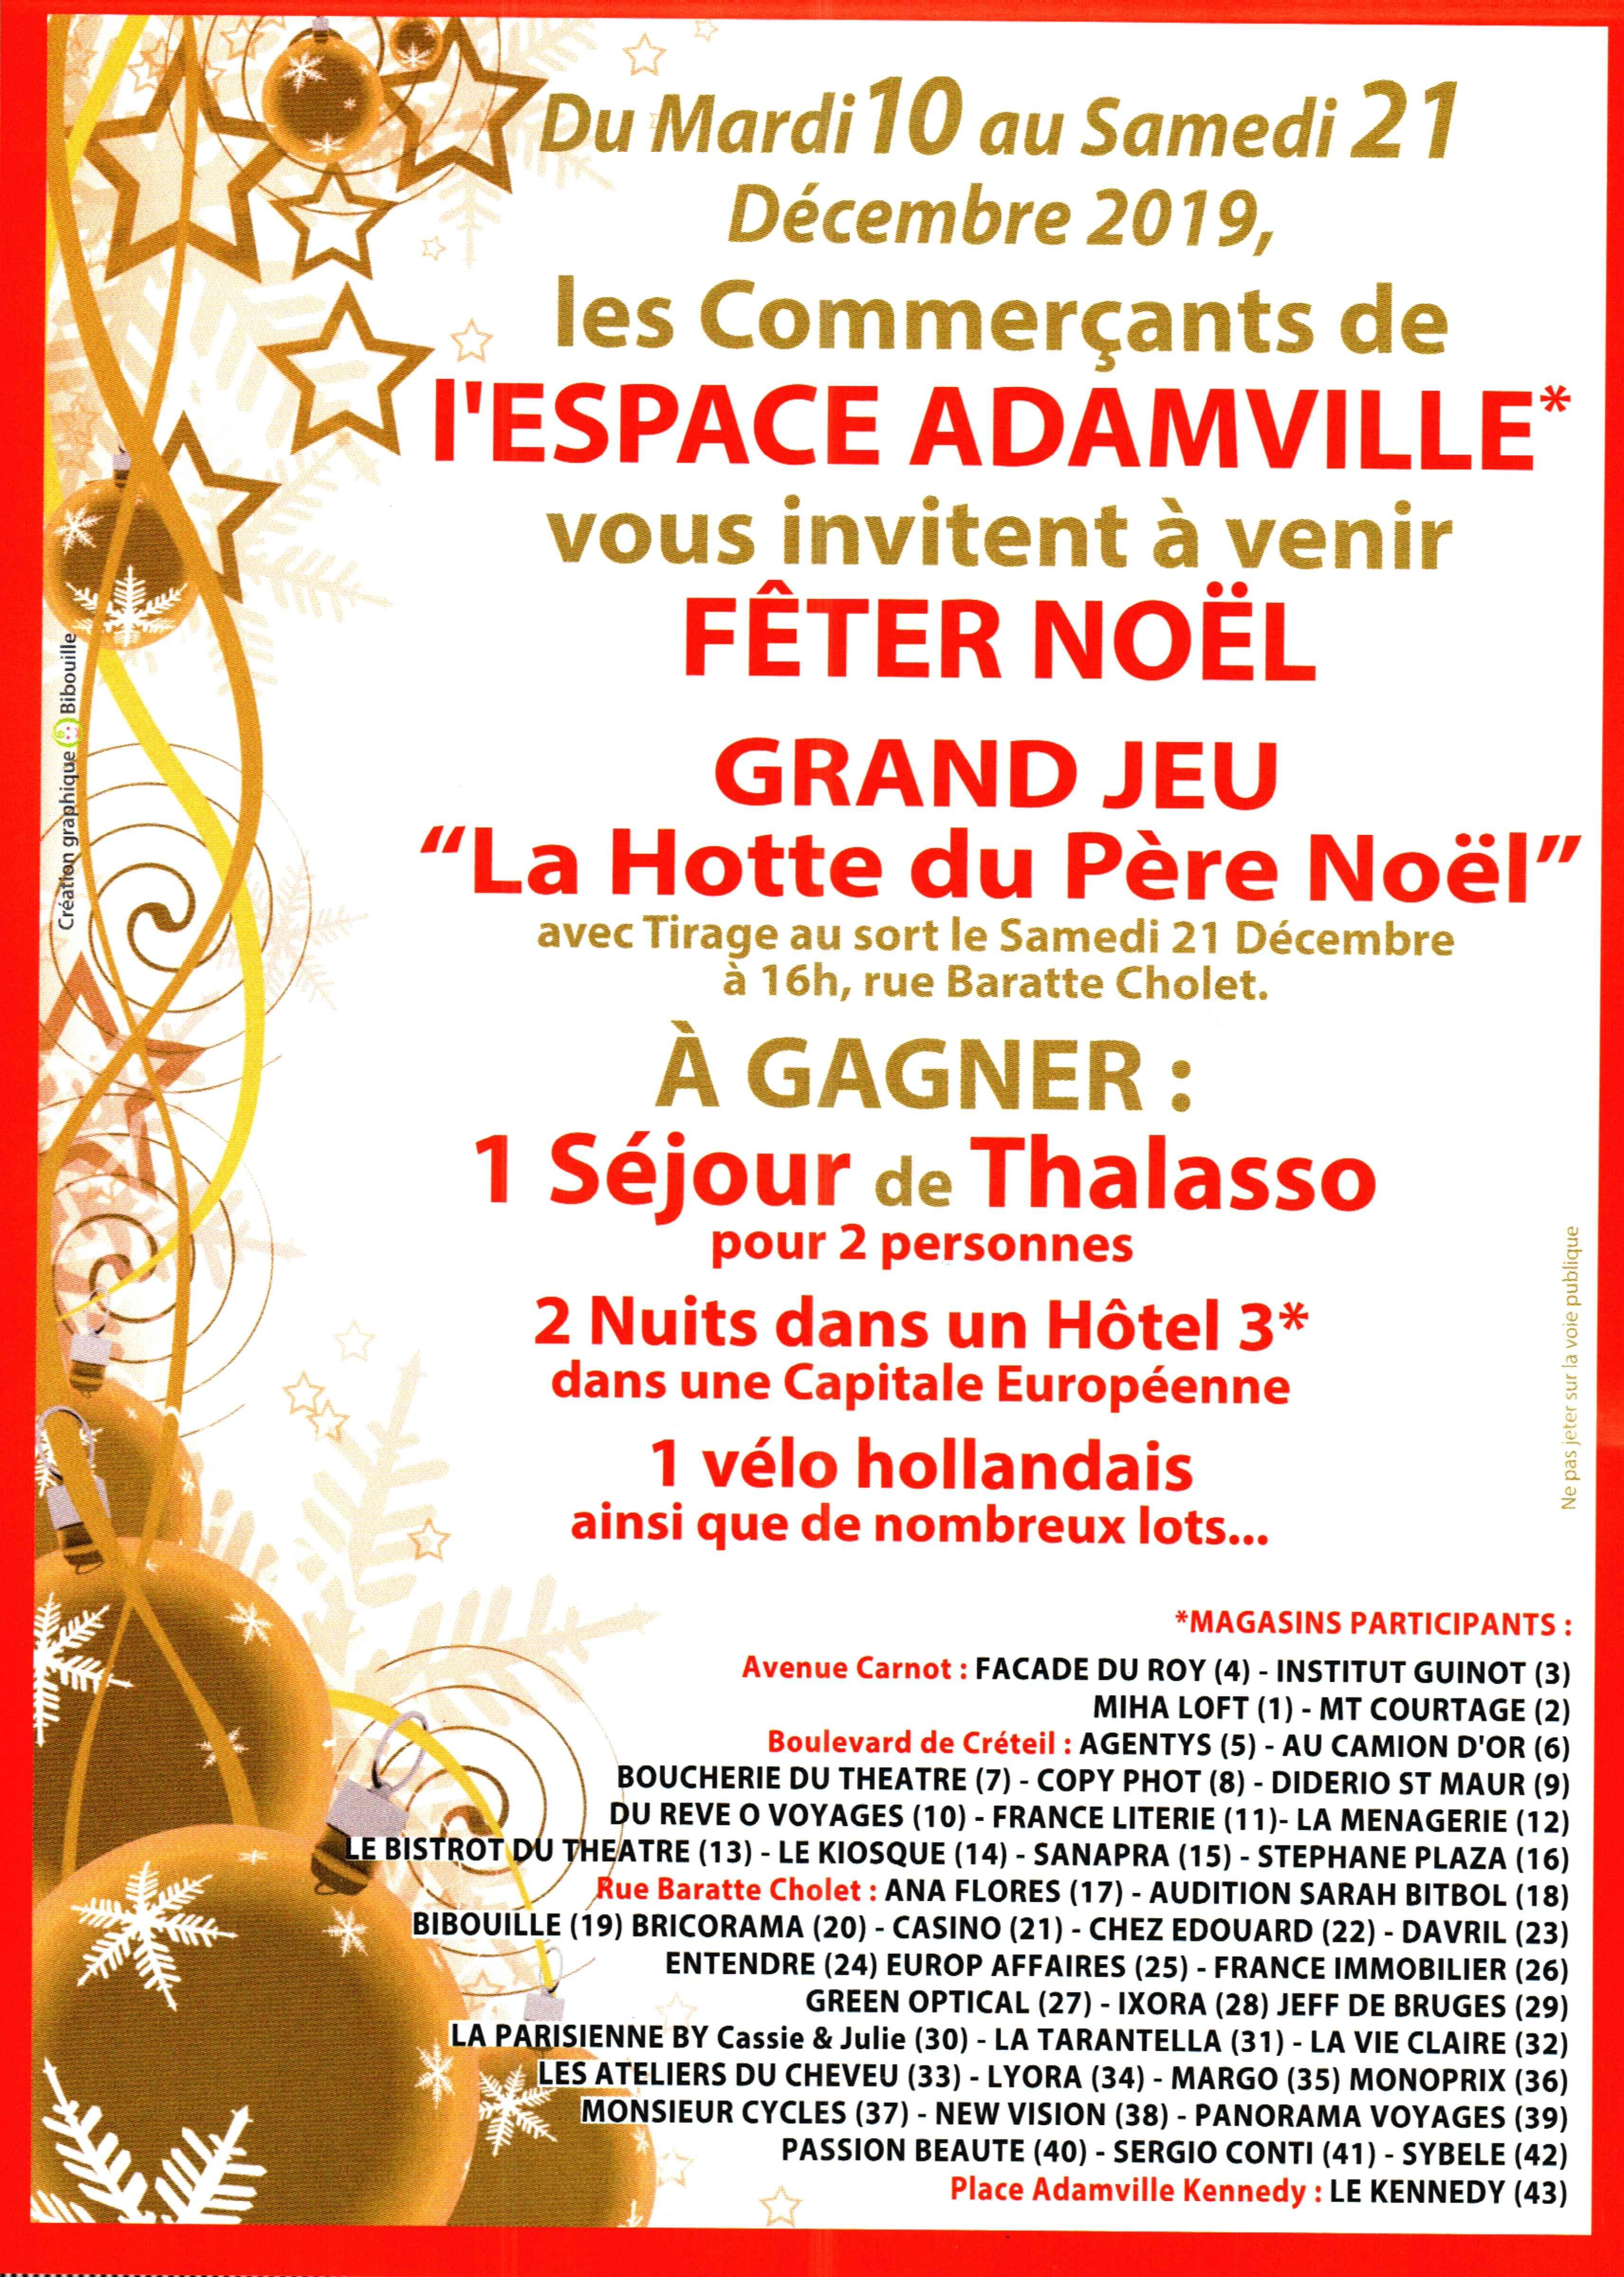 Jeu concours - Audition Sarah Bitbol - Saint-Maur-des-Fossés